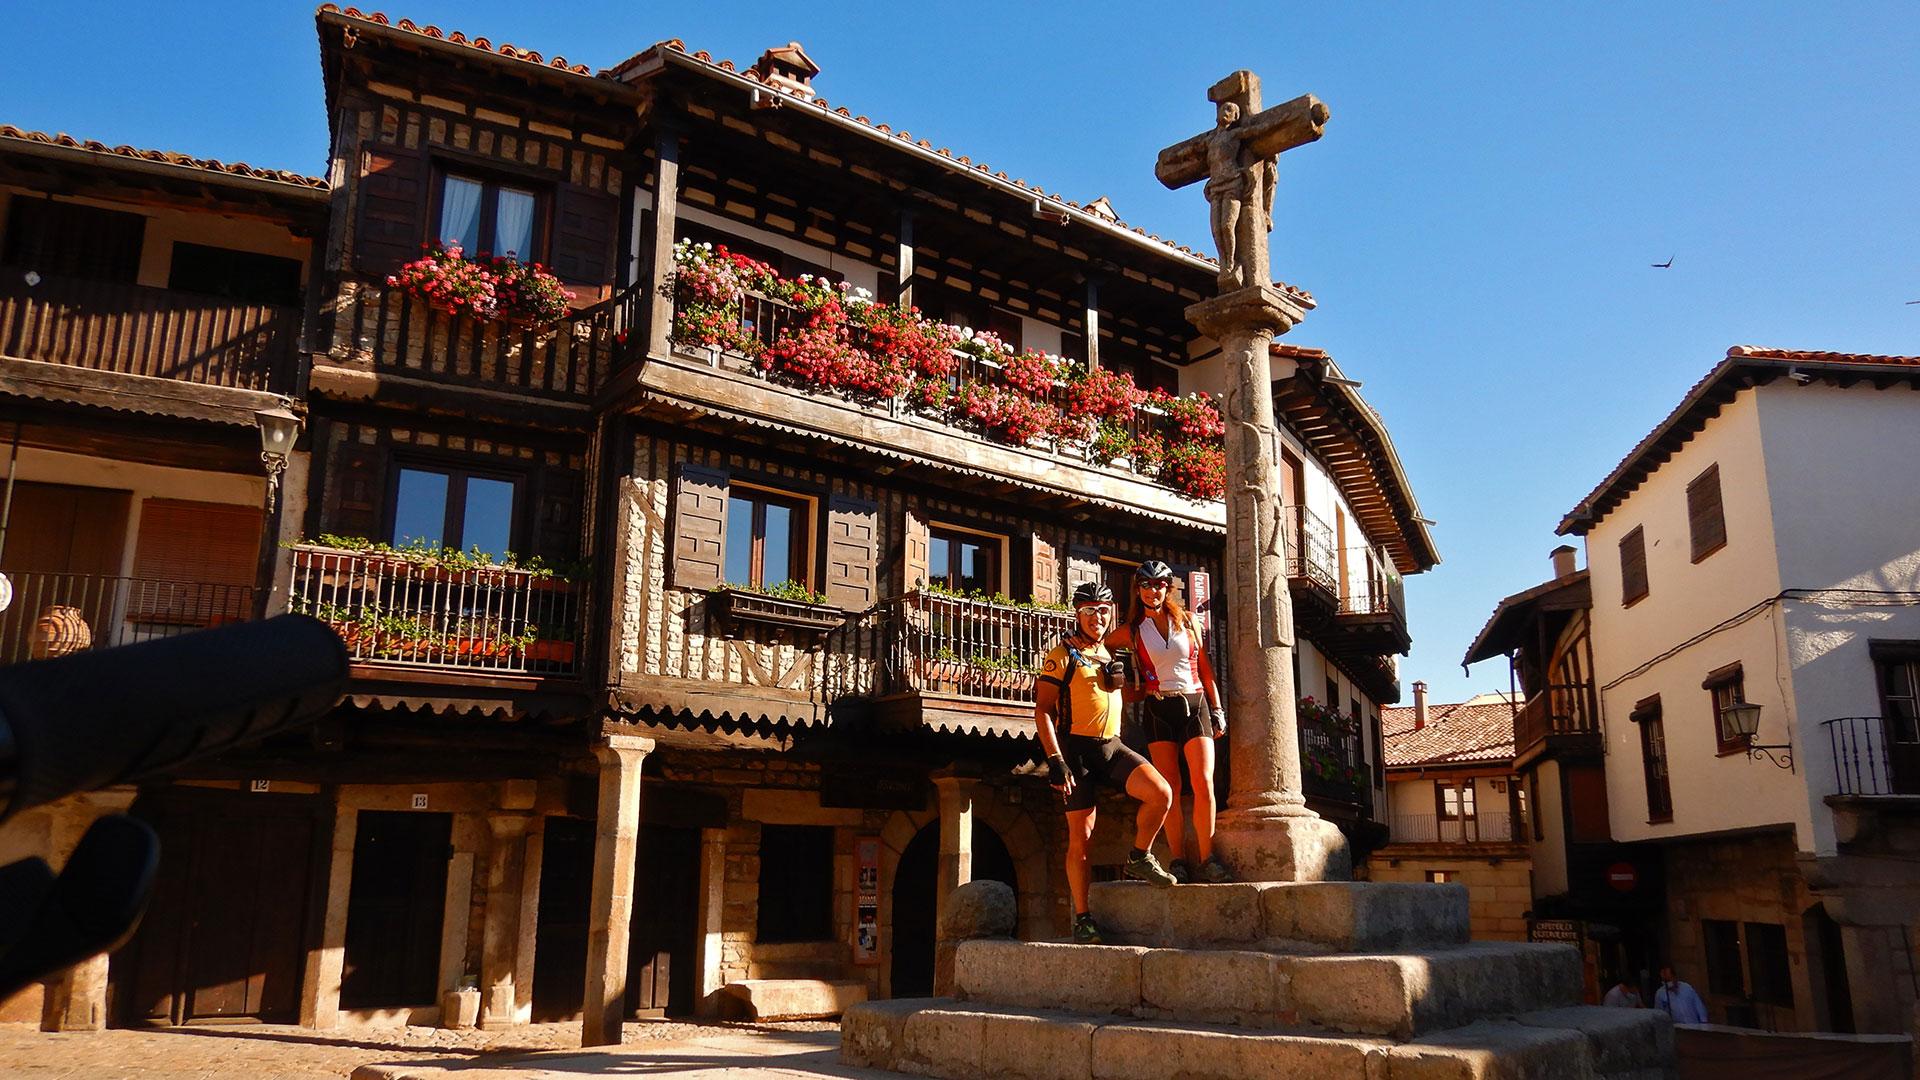 Las Batuecas. Cabaco-La Alberca–Peña de Francia